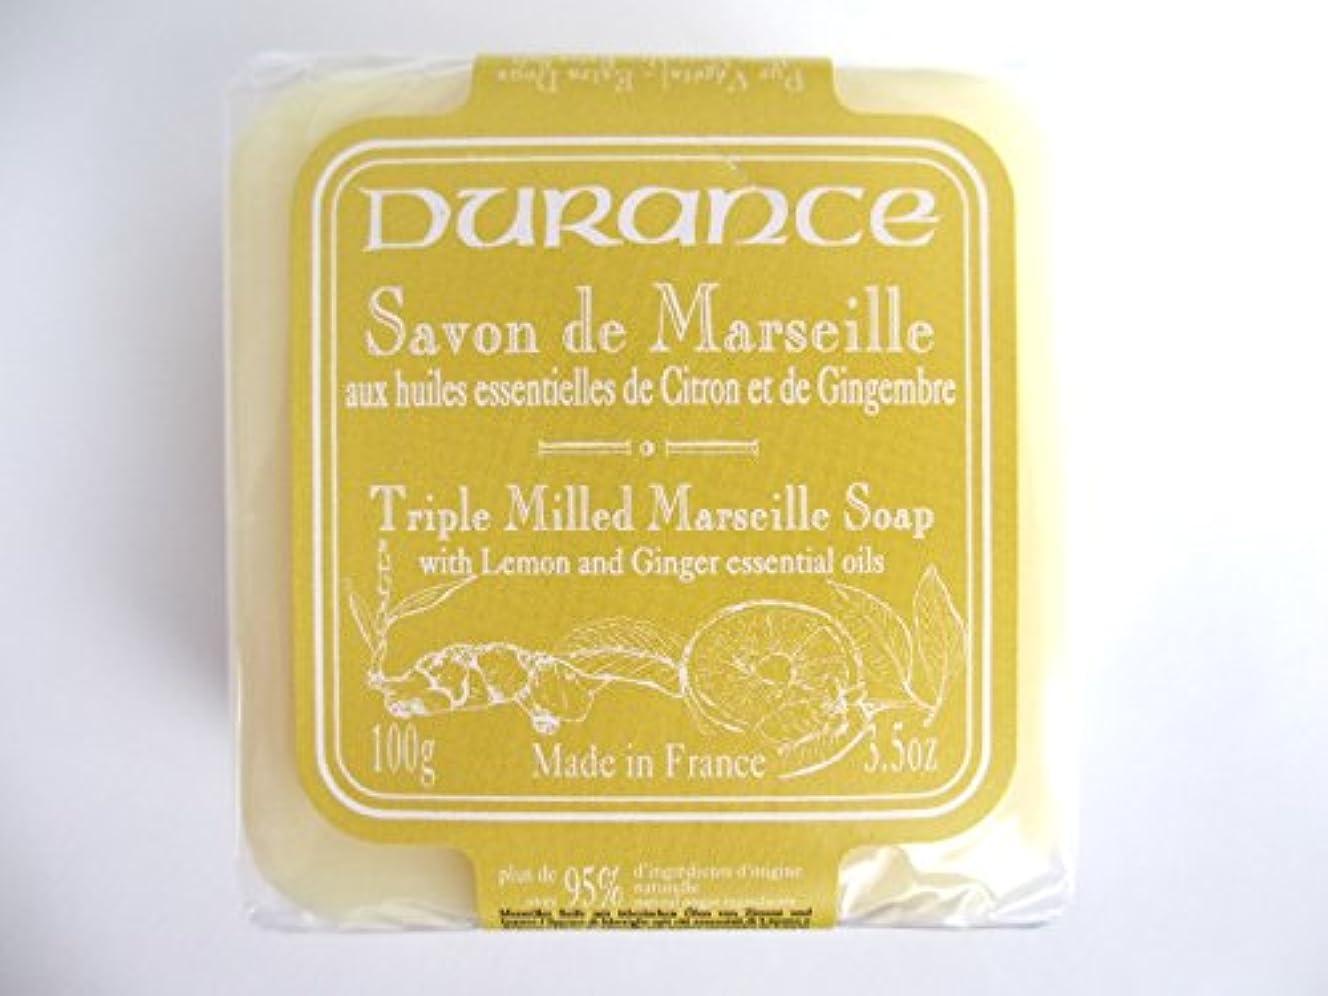 満州愛するまばたきデュランス 【マルセイユソープ】 レモンジンジャー 固形 100g 95%以上 天然成分 洗顔 全身